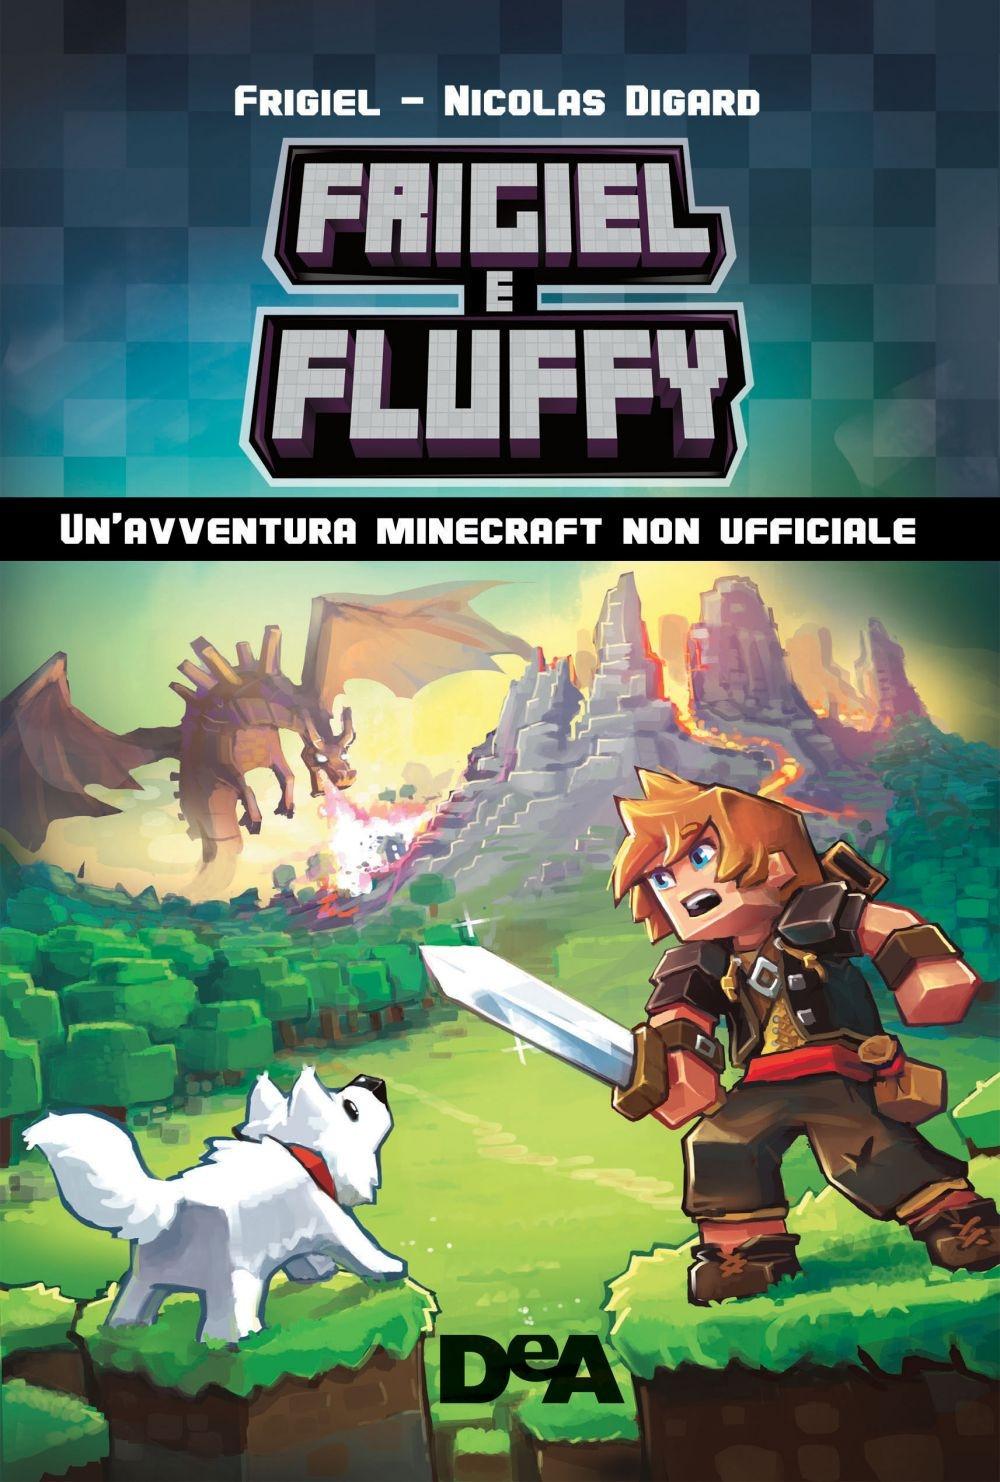 Frigiel & Fluffy. Un'avventura Minecraft non ufficiale